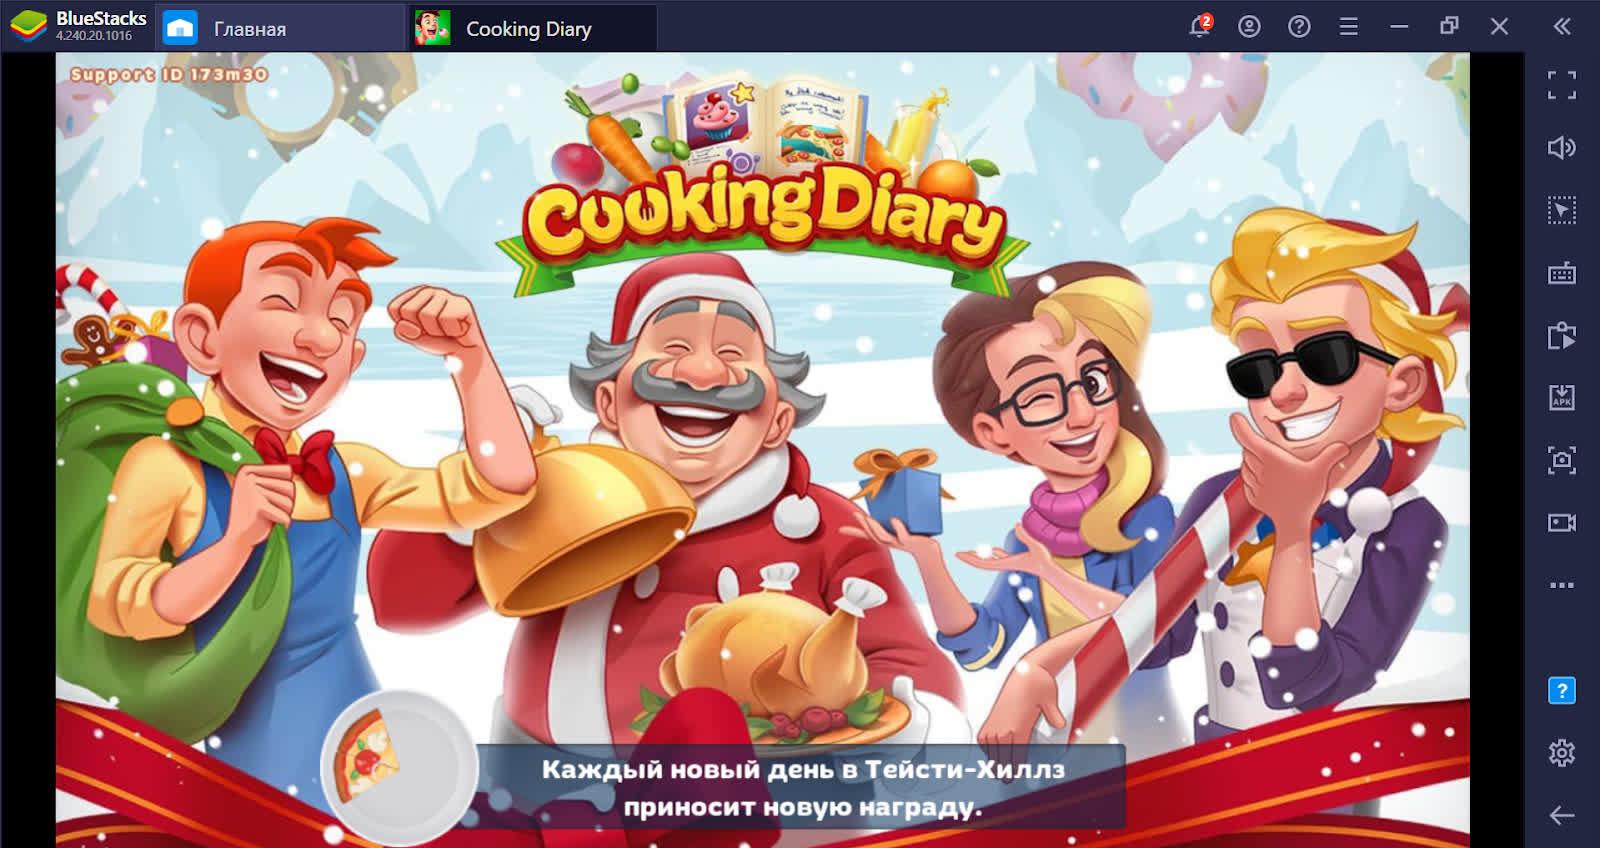 Cooking Diary: советы начинающему ресторатору